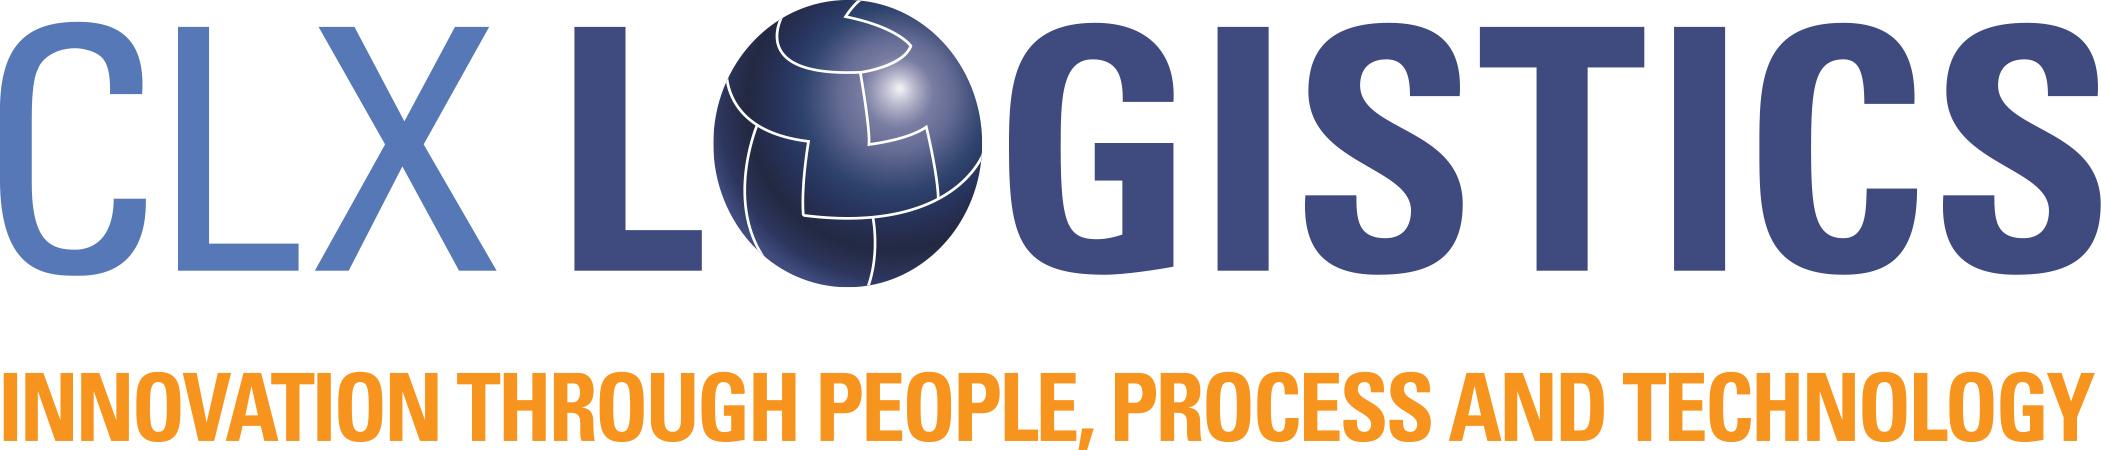 LOGO CLXLogistics logo tagline hi res